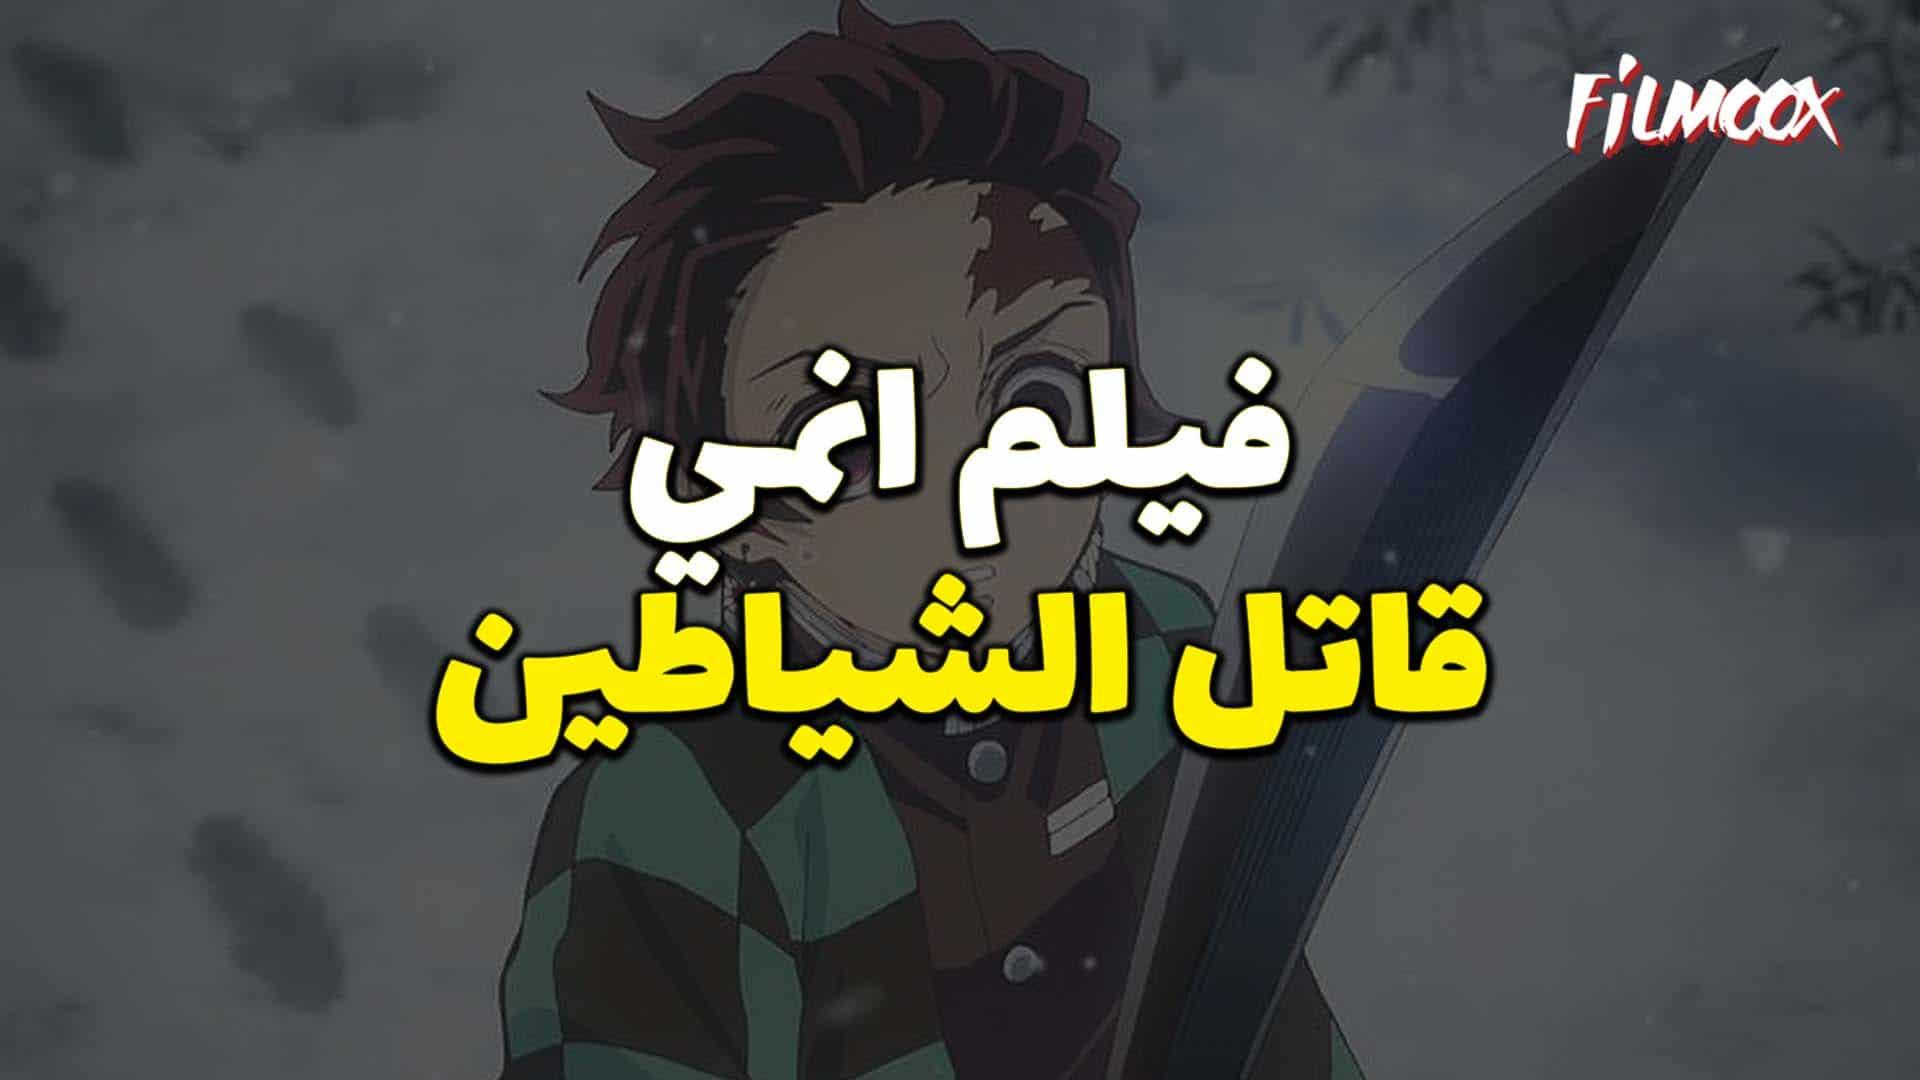 فيلم انمي قاتل الشياطين مدبلج بالعربية